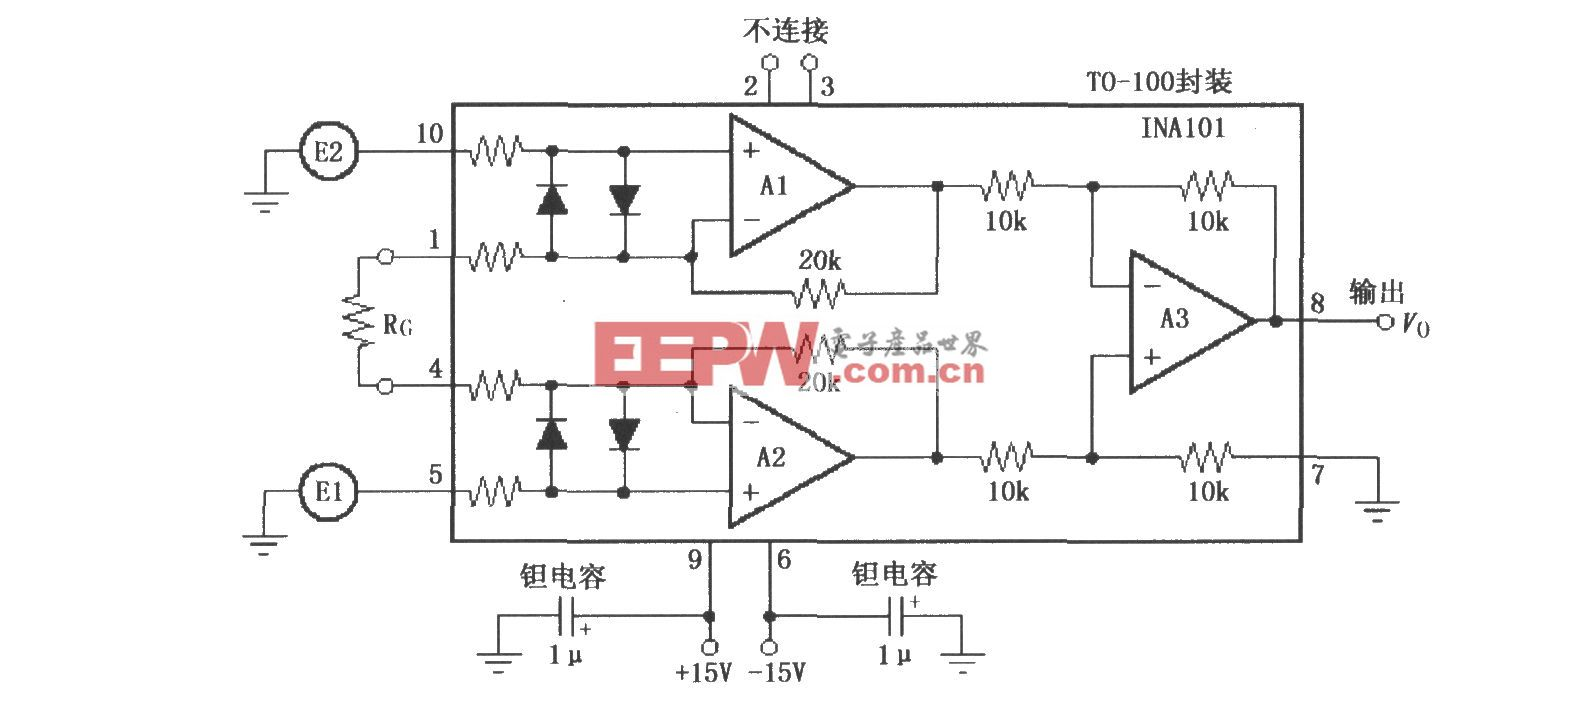 INA101的TO-100金属封装电路